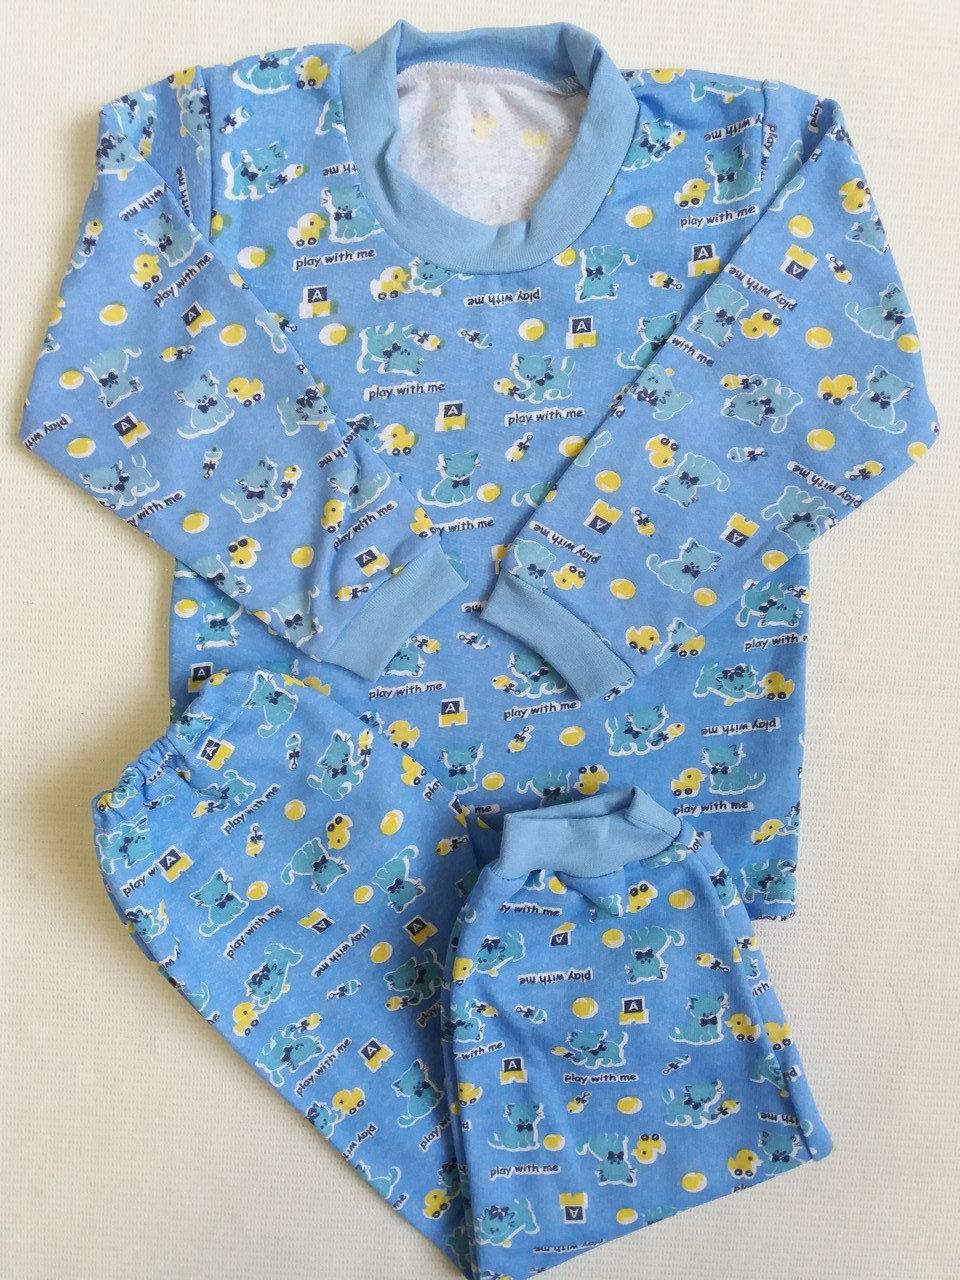 Пижамы детские на байке на мальчиков хлопок 100%. Размер от 26 по 34.От 4шт по 62грн